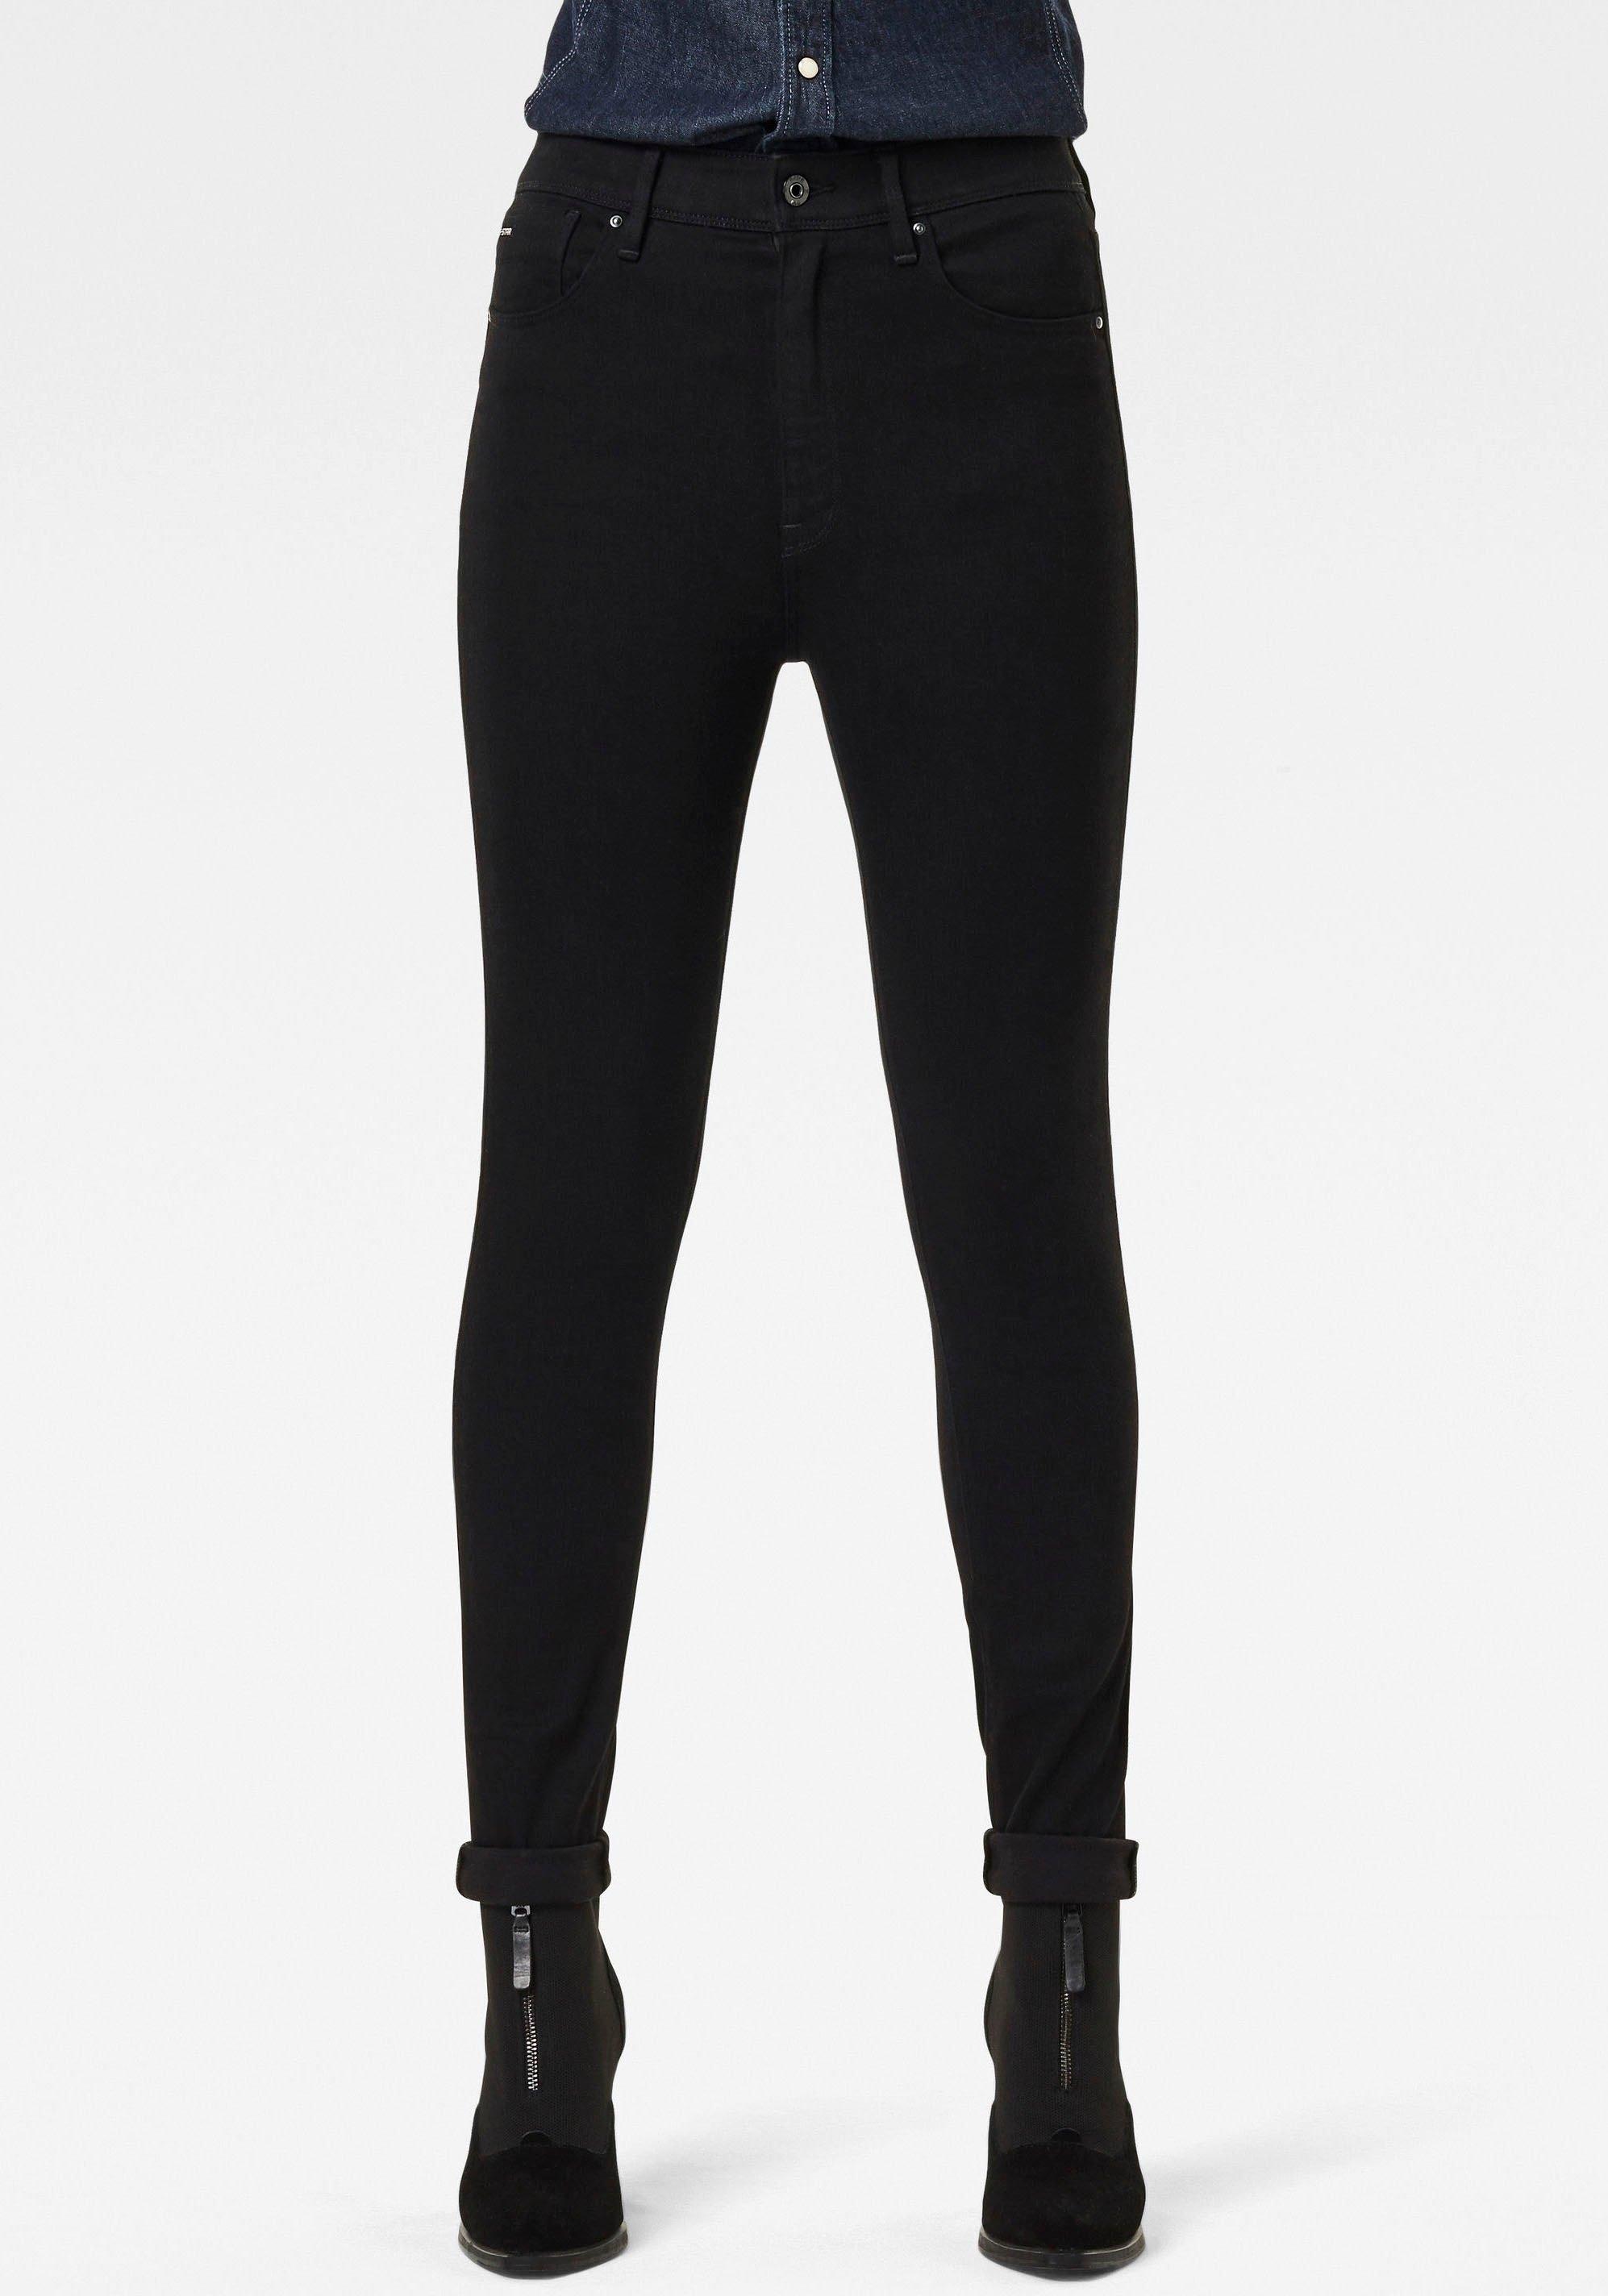 G-Star RAW Skinny fit jeans Kafey Ultra High Skinny bestellen: 30 dagen bedenktijd